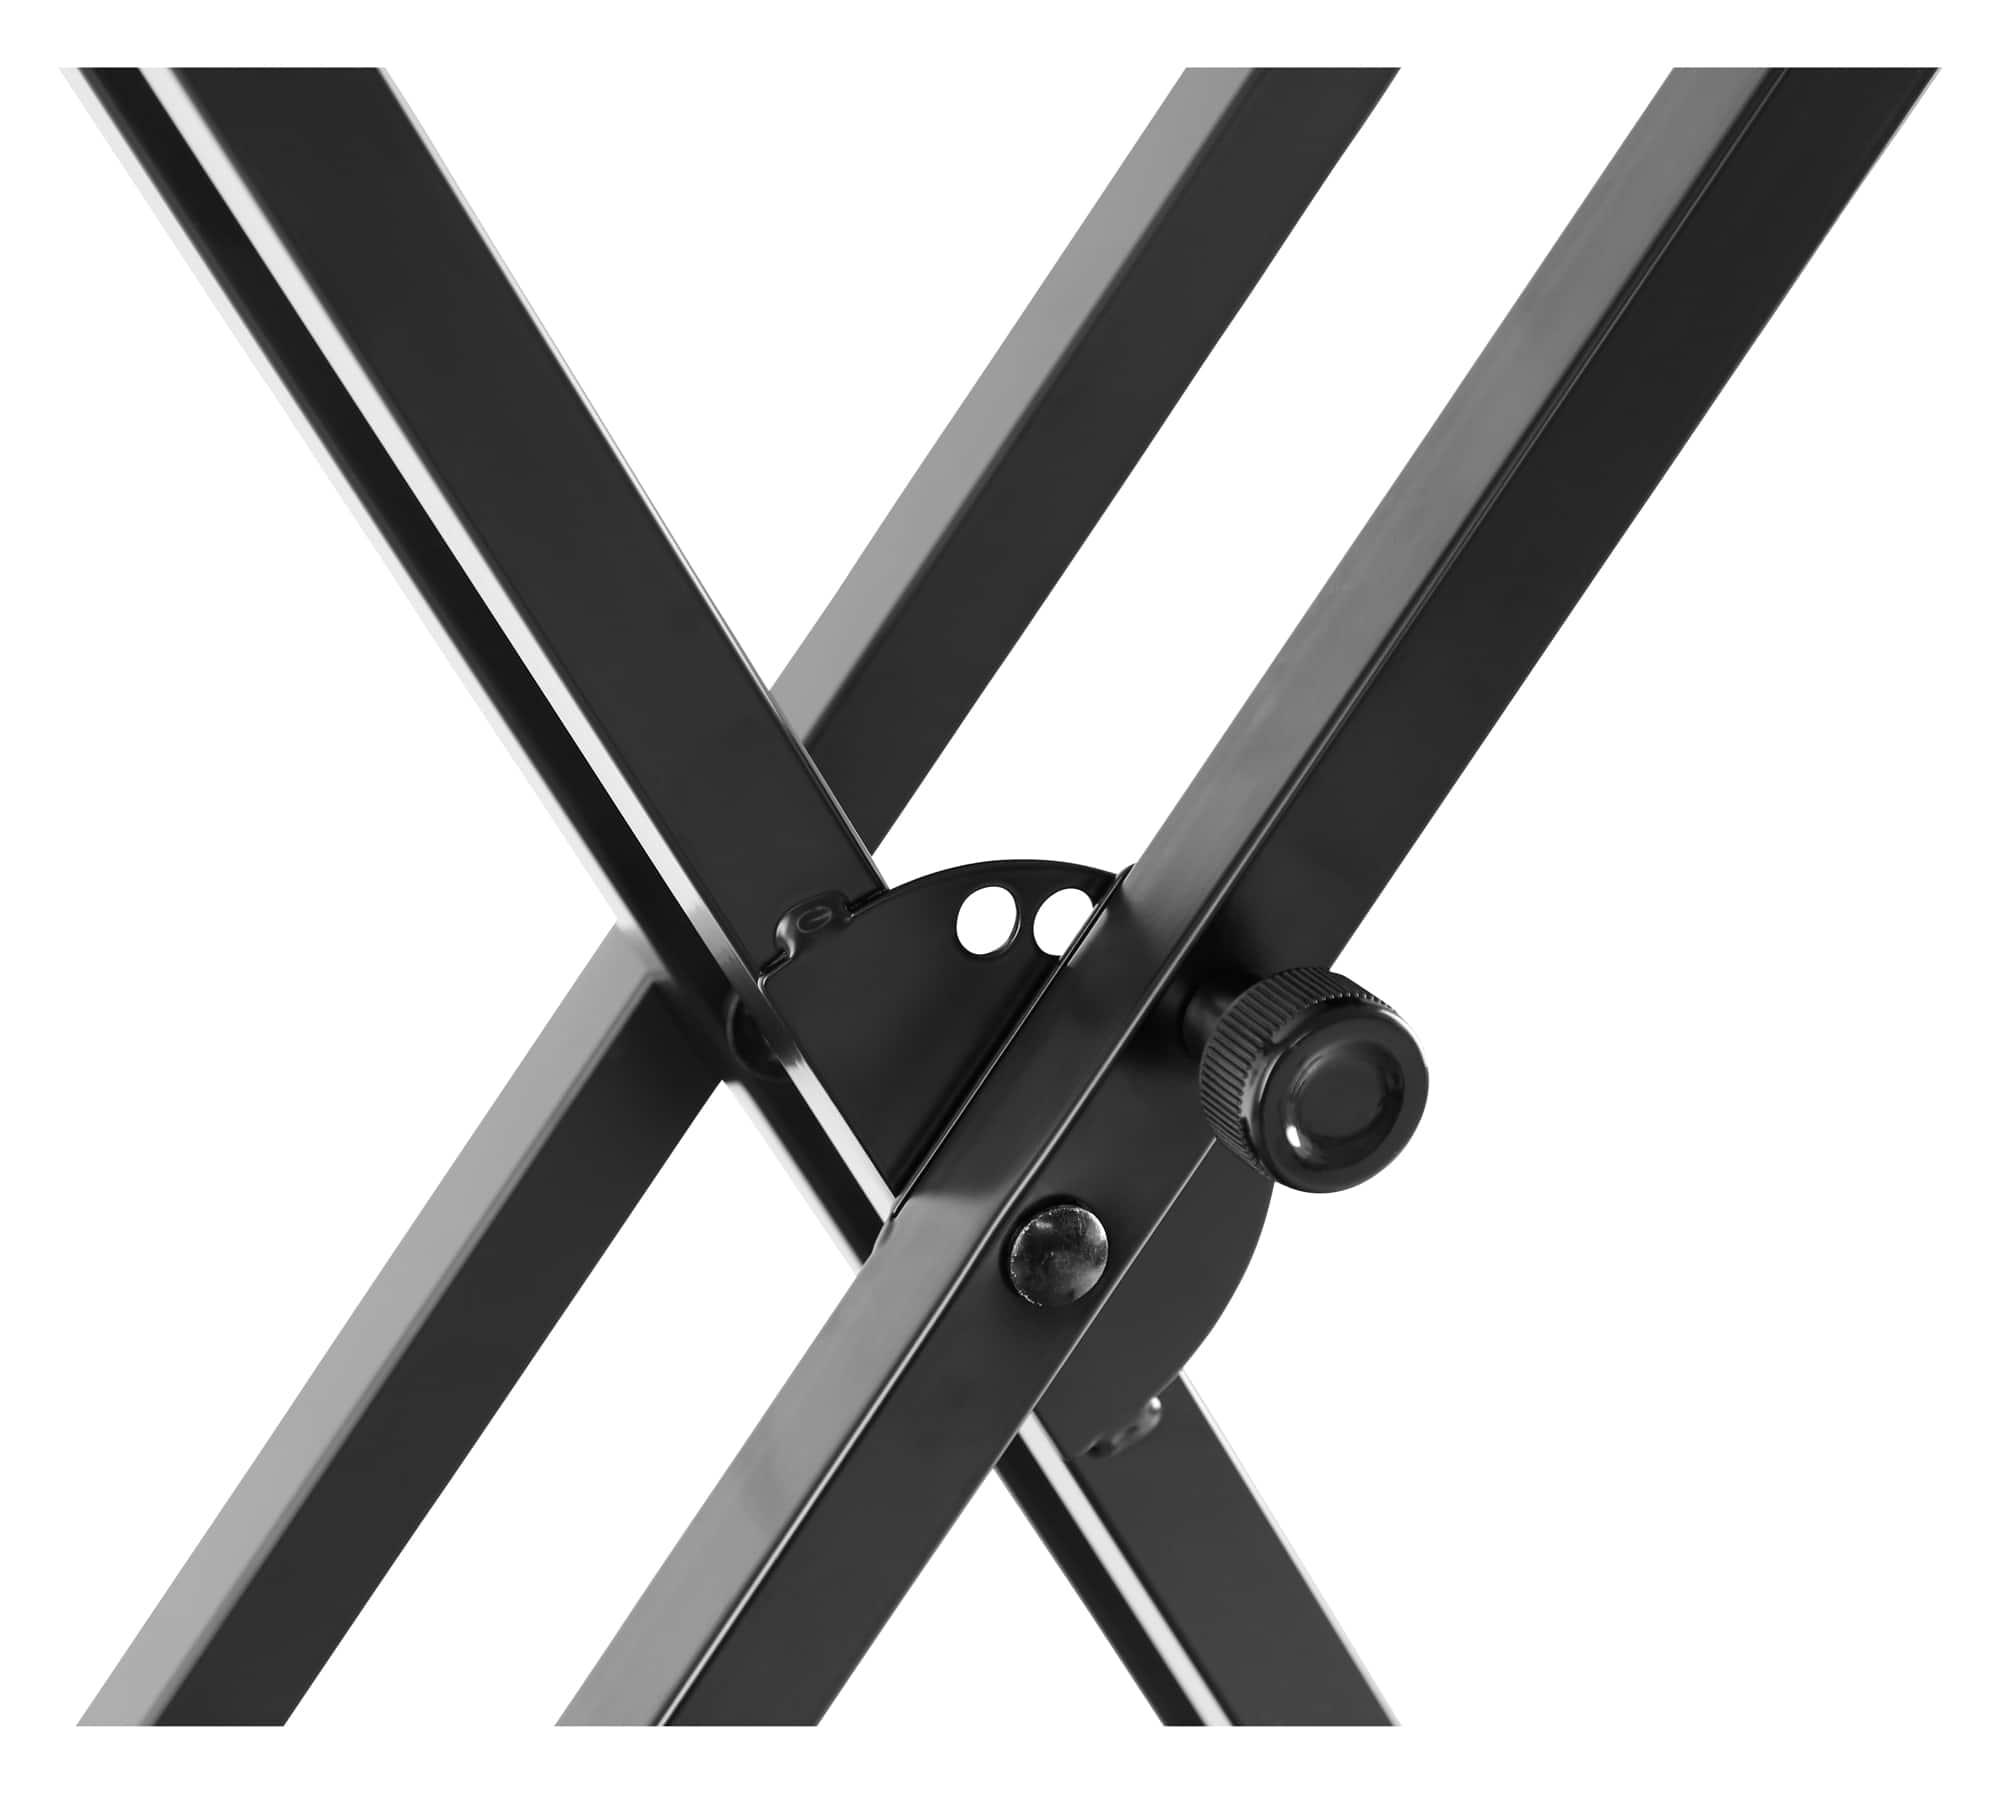 mcgrey ks 200 x keyboardst nder doppelstrebig schwarz belastbar bis 30 kg stabil ebay. Black Bedroom Furniture Sets. Home Design Ideas